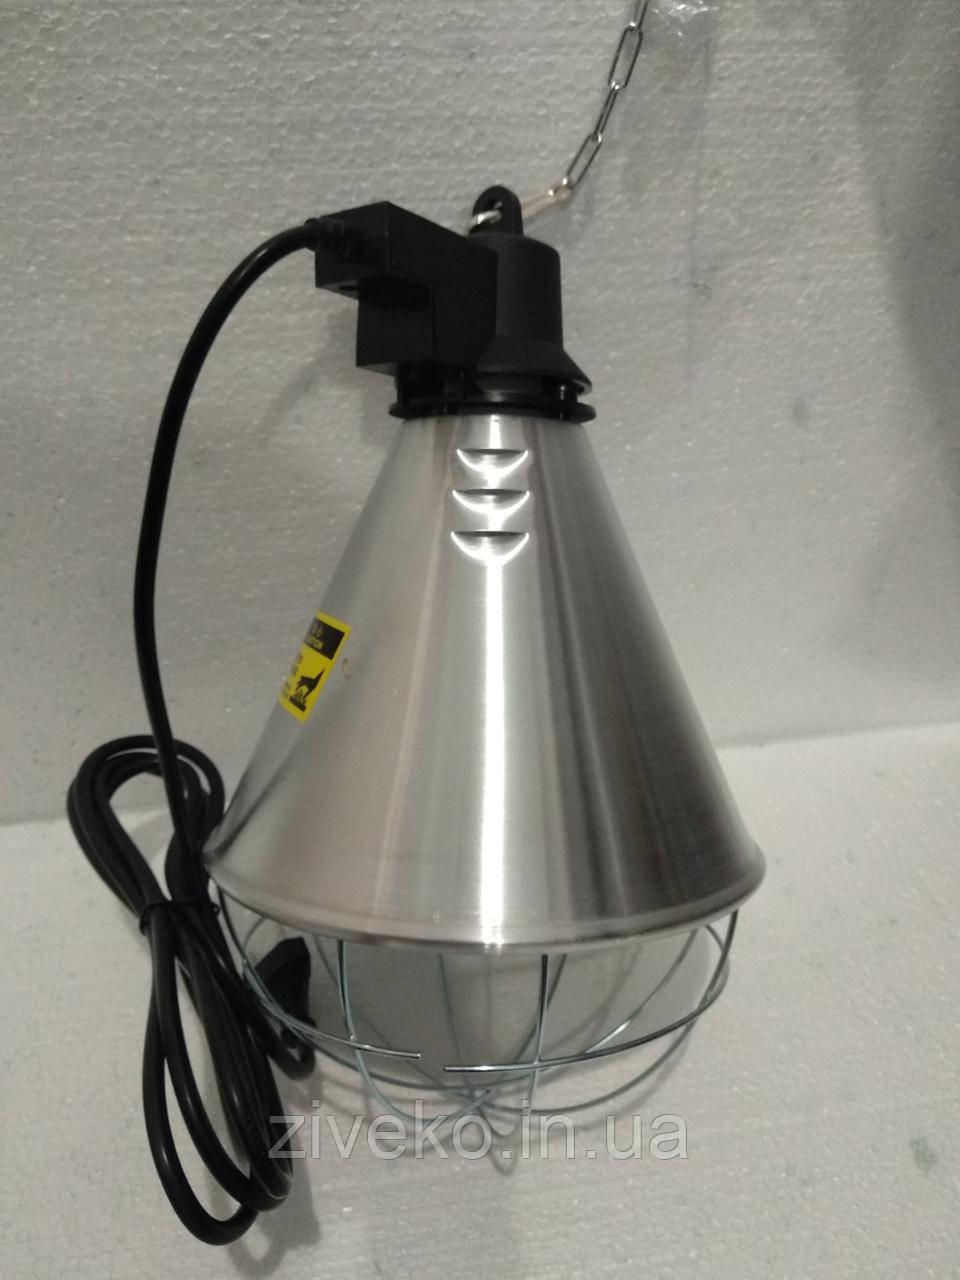 Захисний плафон для інфрачервоних ламп без перемикача